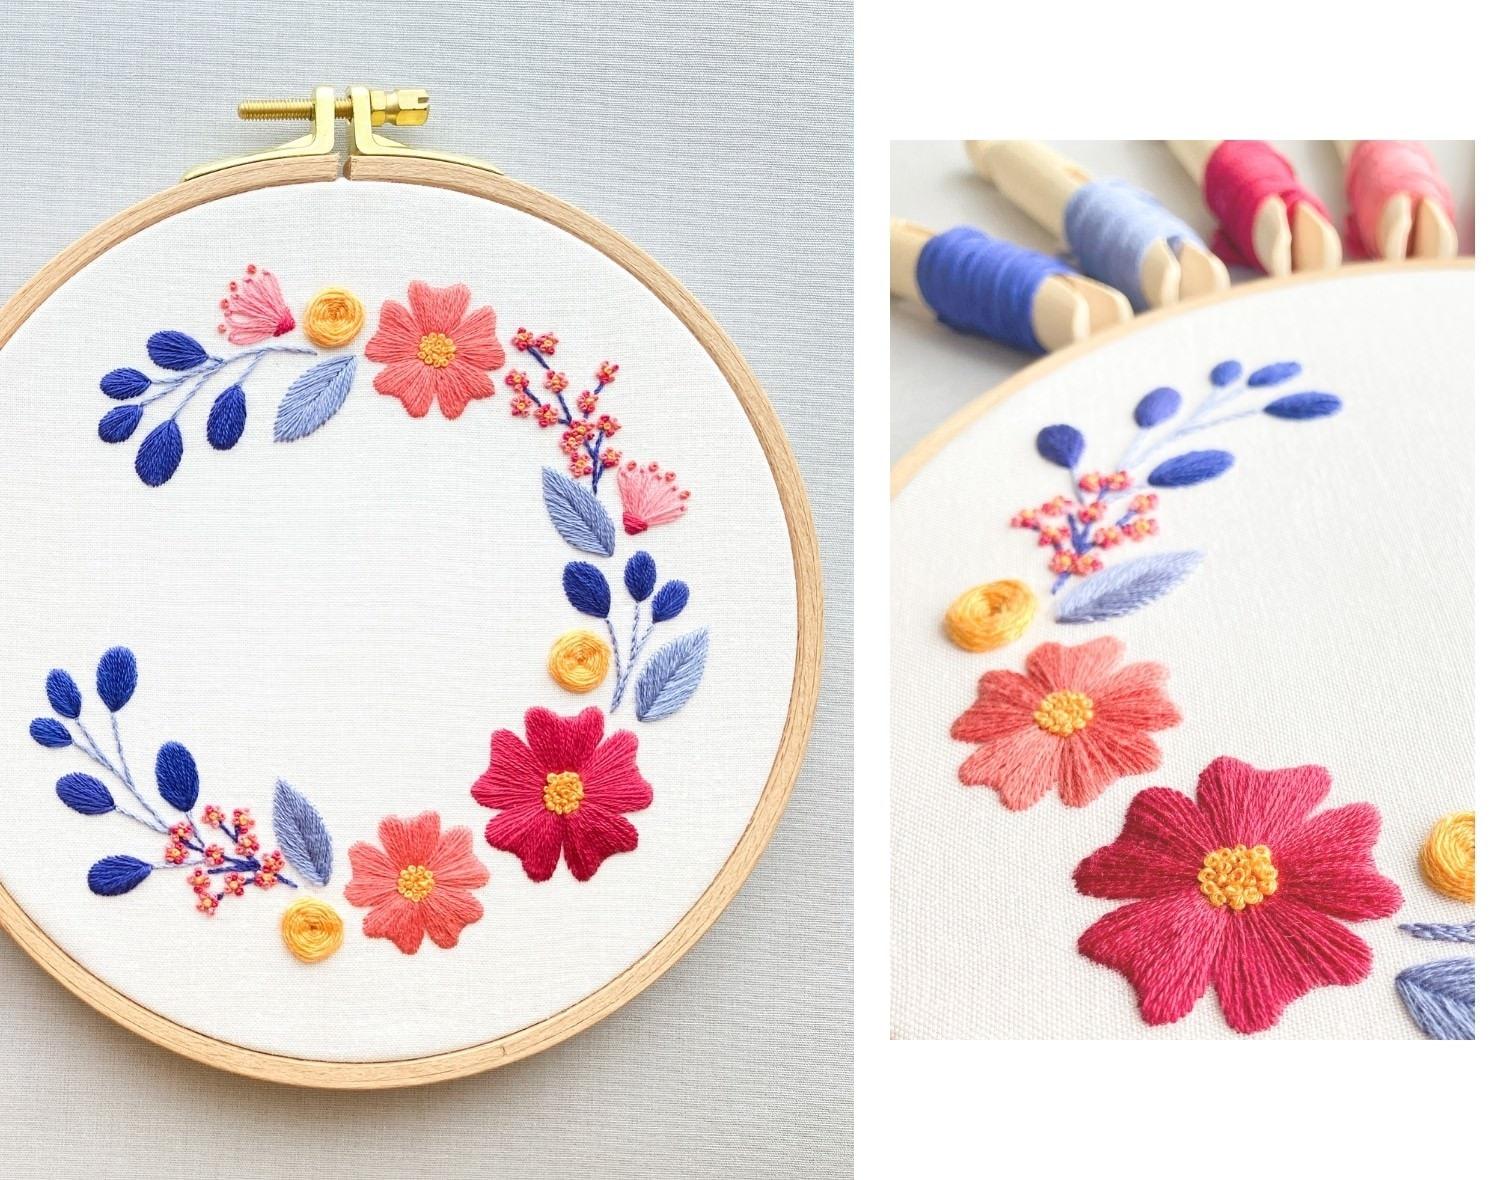 Online Stickkurs für Anfänger: Blumen sticken